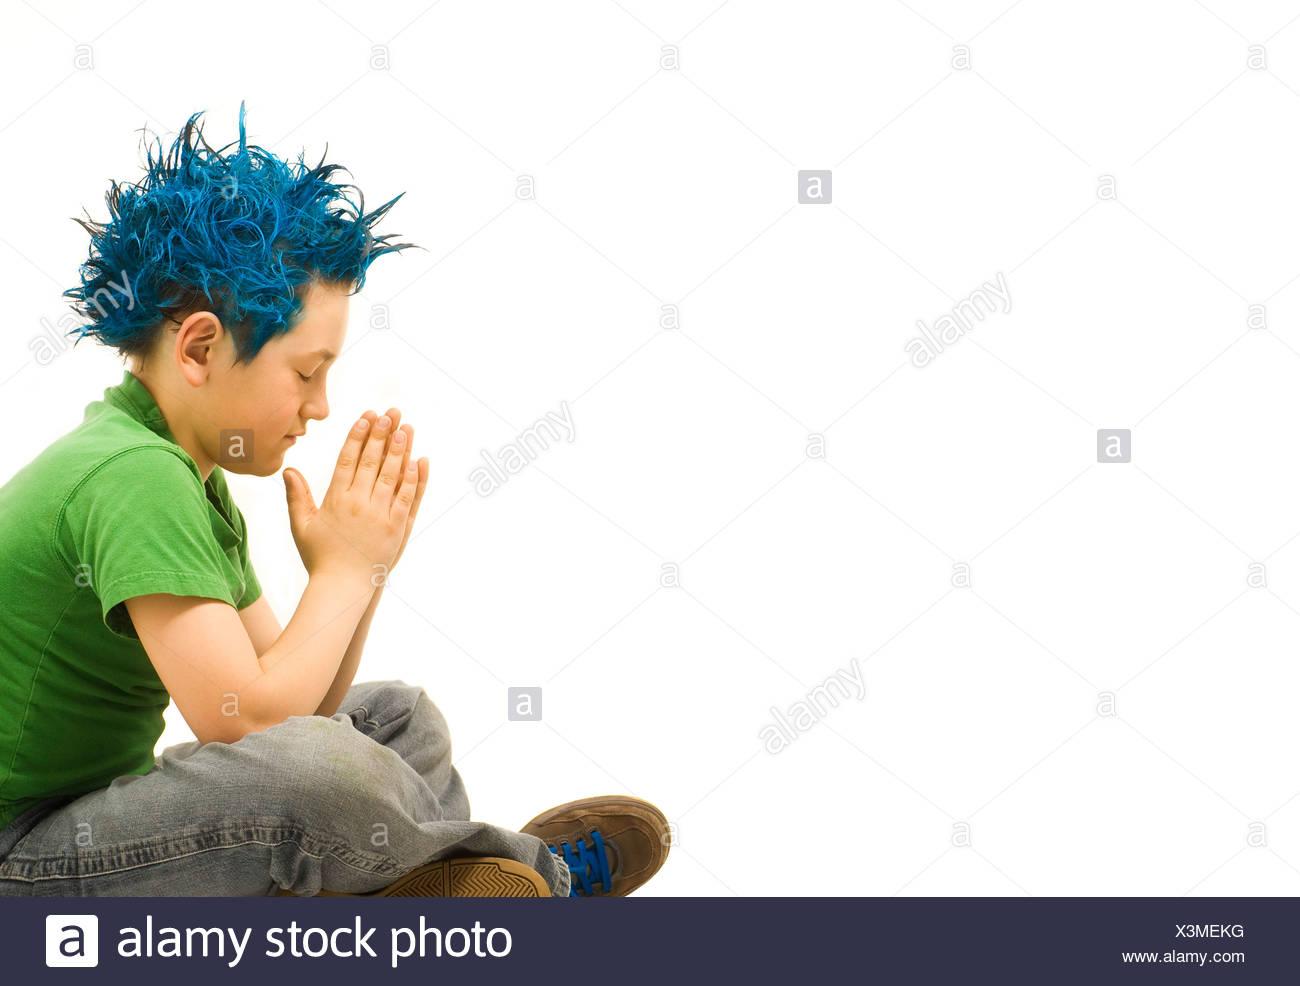 Blue haired boy praying - Stock Image